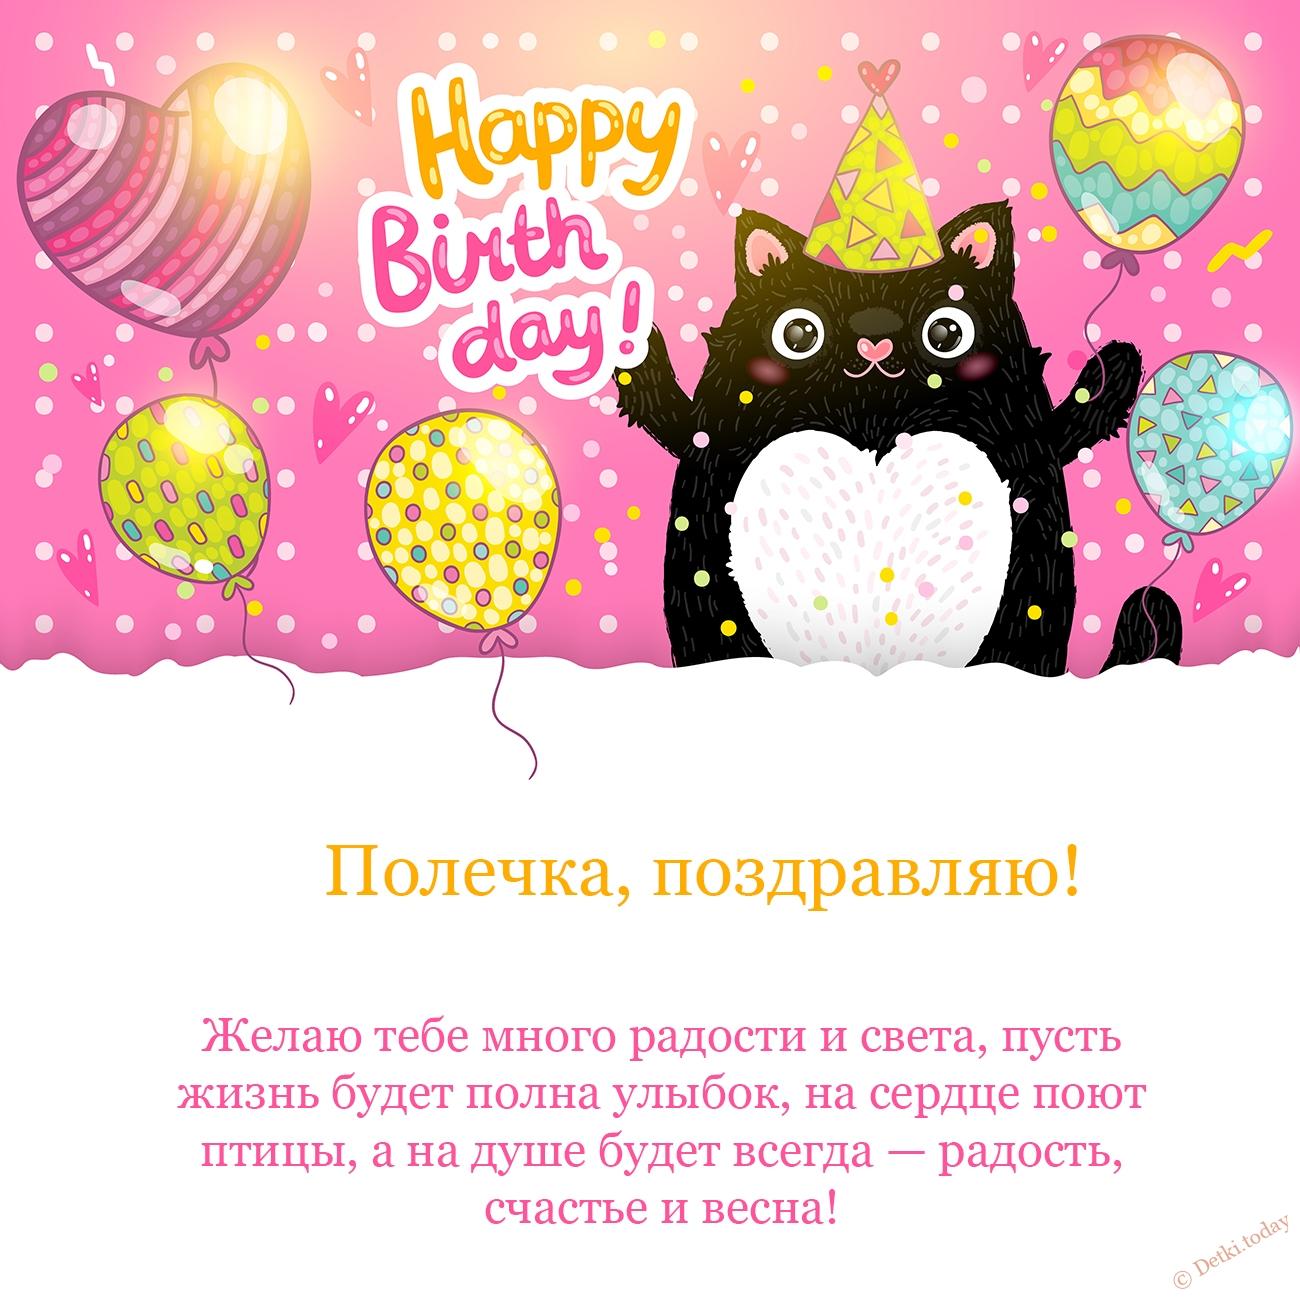 ему смешное поздравление с днем рождения полине взято открытых